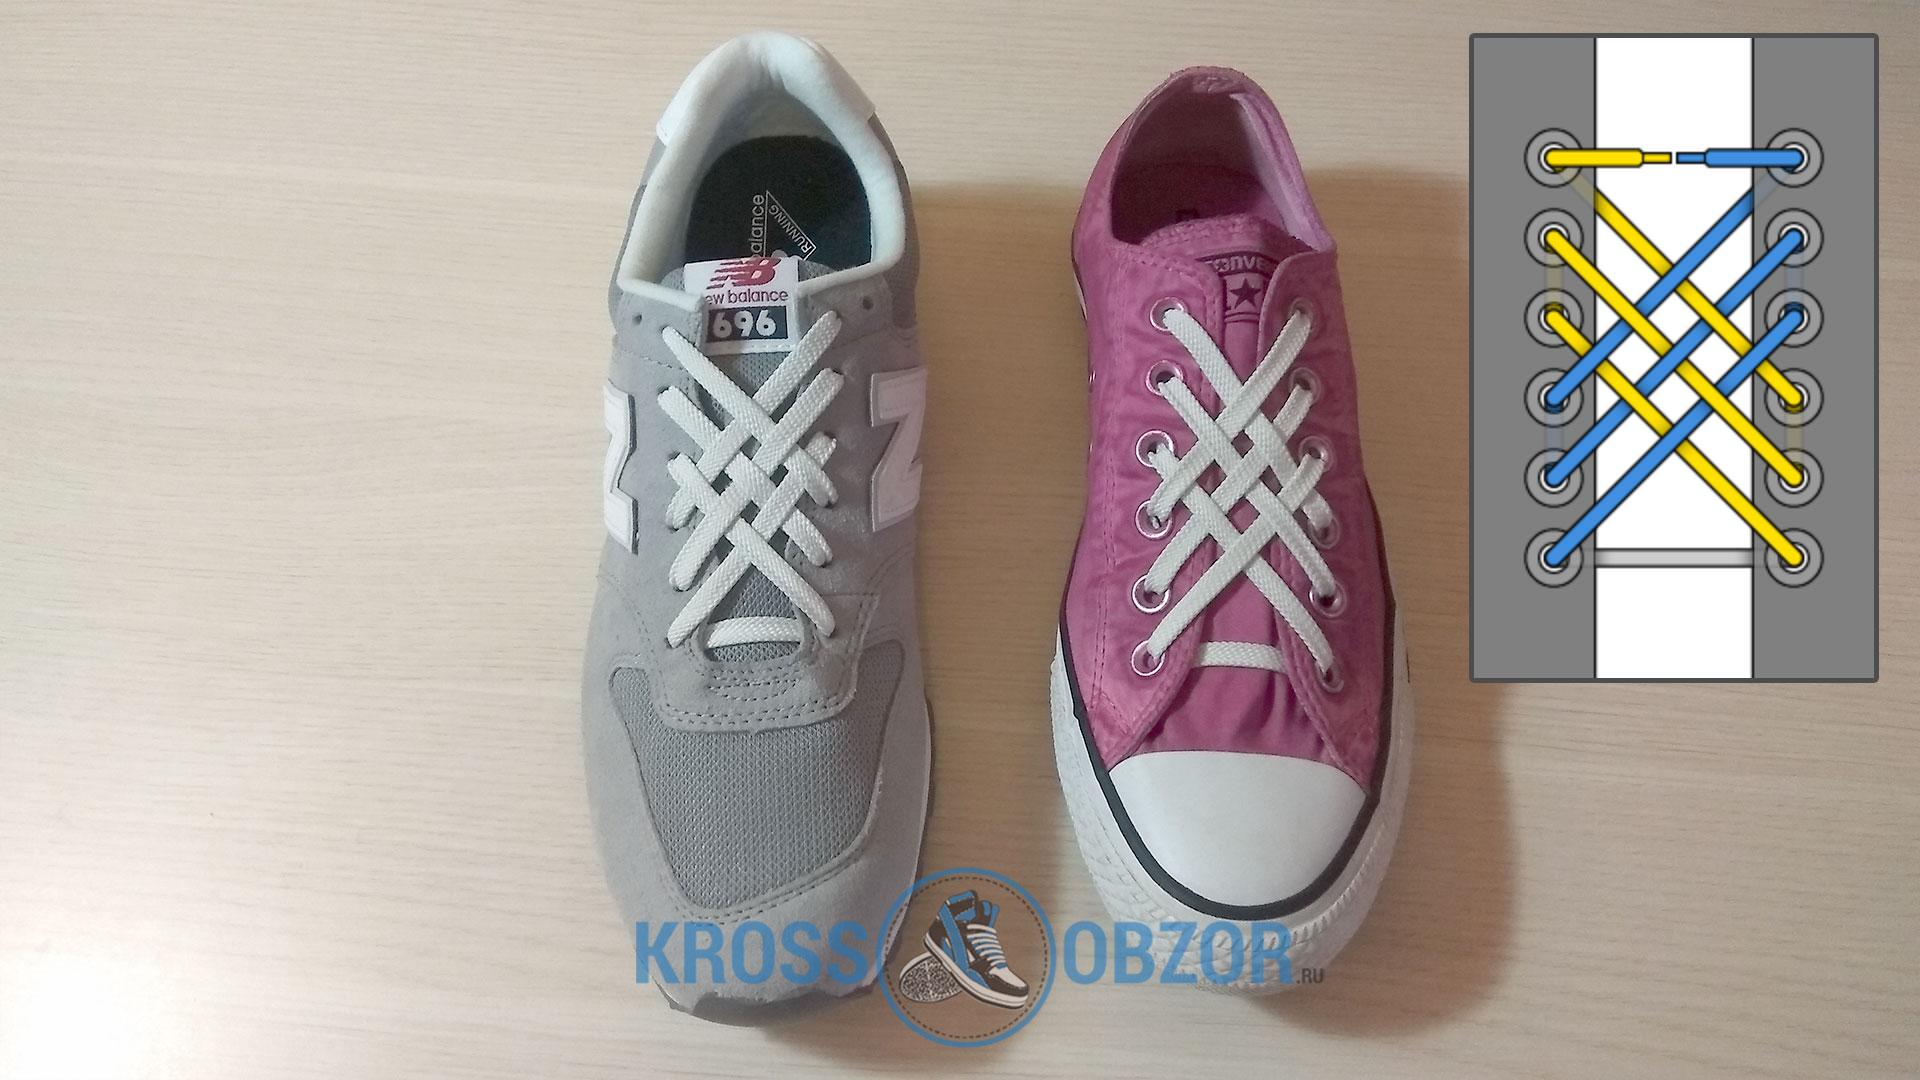 Шнуровка решетка для кроссовок и кед второй вариант